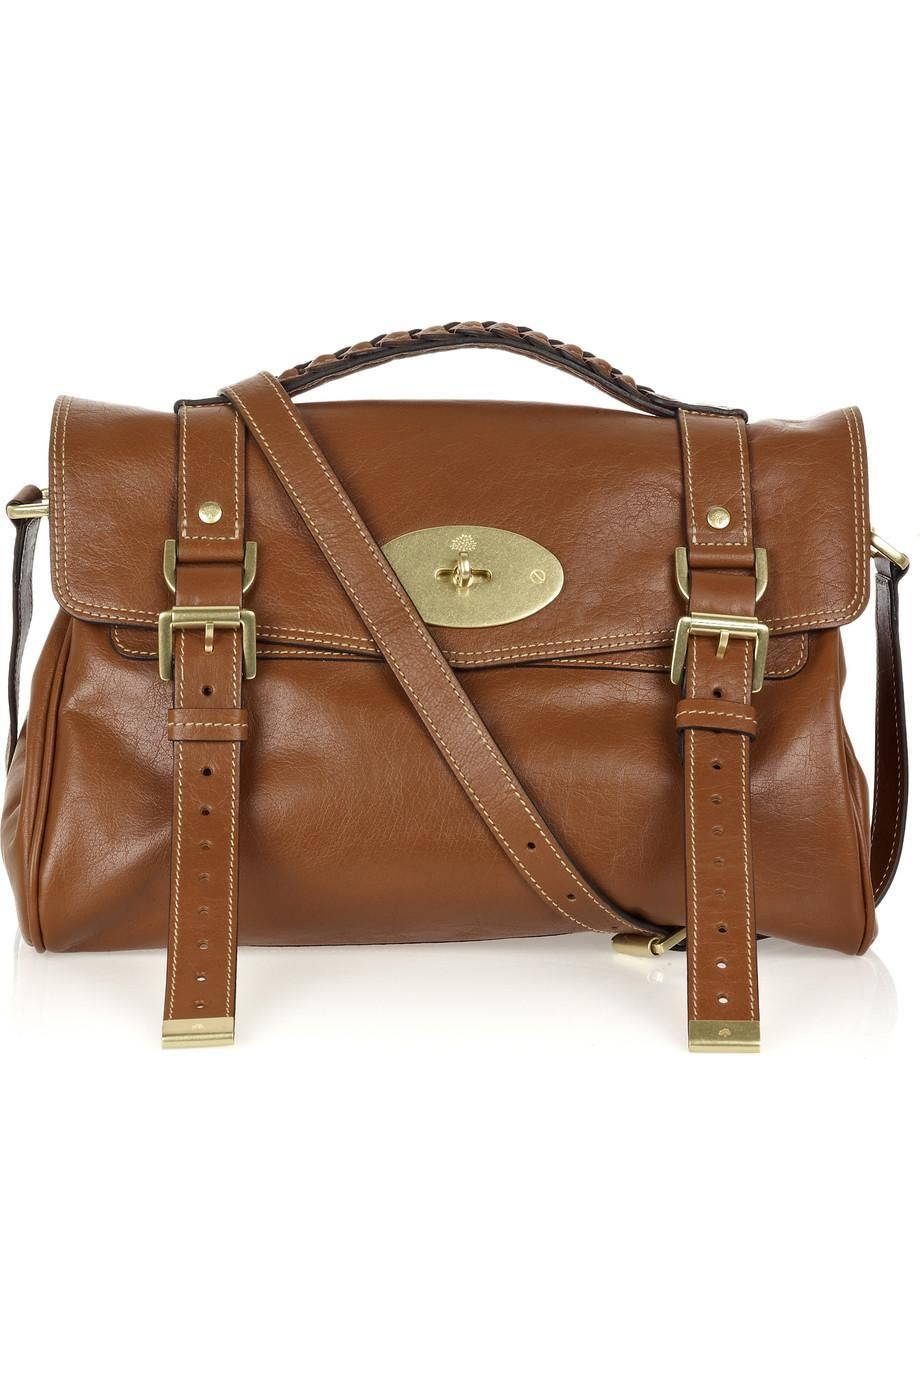 Mulberry Alexa Leather Bag  6bc22aec5ec81